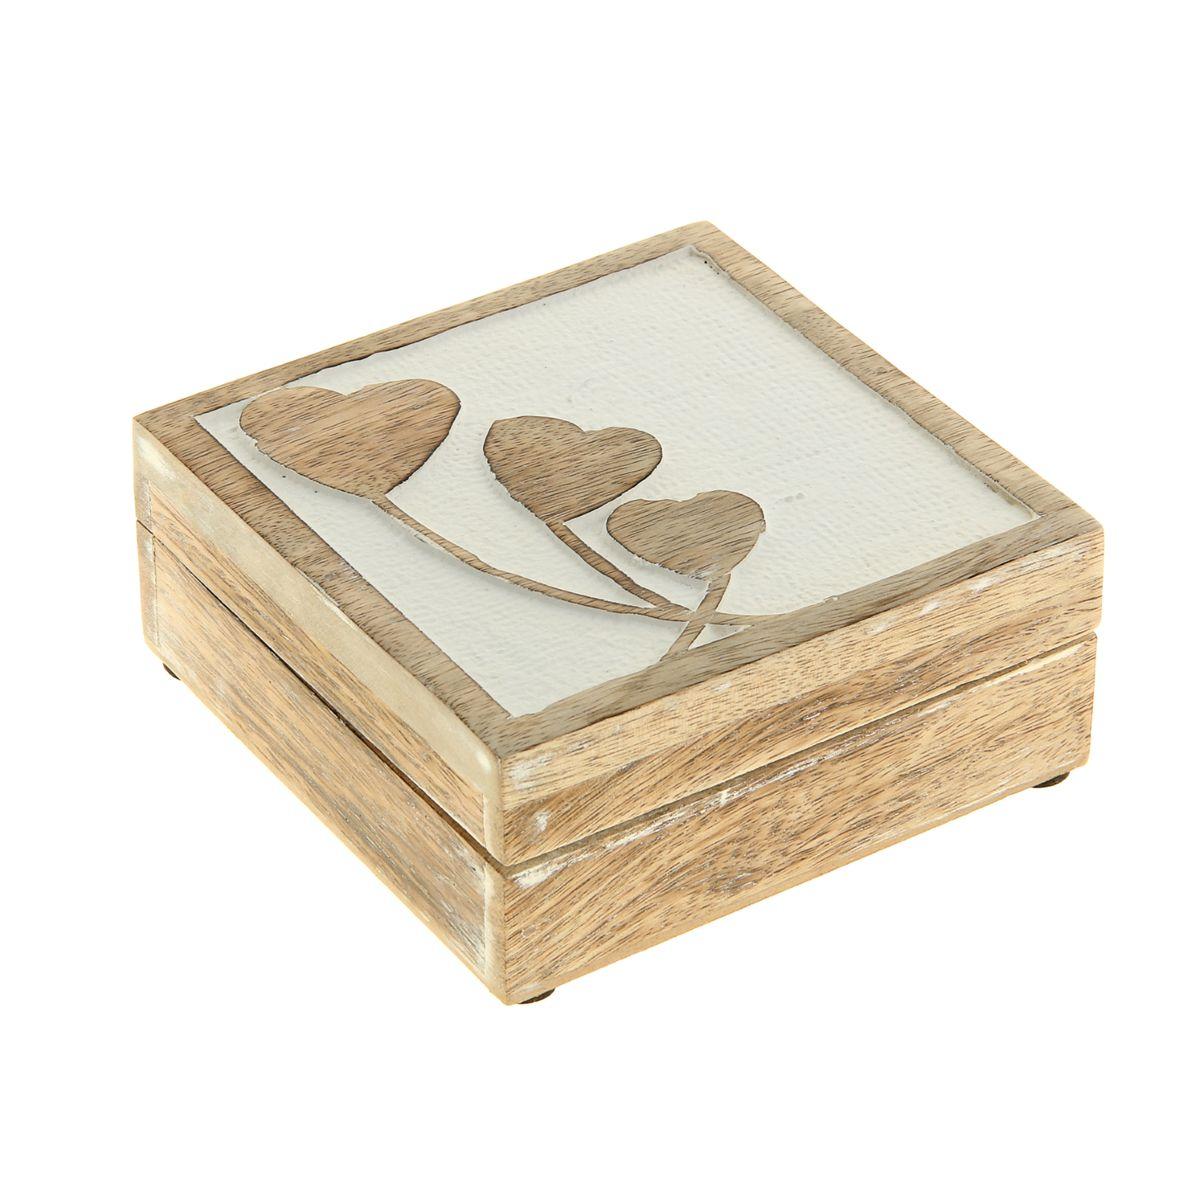 Шкатулка Sima-land Романтика, 13 см х 13 см х 5,5 смFS-91909Шкатулка Sima-land Романтика изготовлена из дерева - натурального материала, словно пропитанного теплом яркого солнца. Крышка украшена узором. Внутри одно отделение.Такая шкатулка - не простой сувенир. Ее функция не только декоративная, но и сугубо практическая - служить удобным и надежным местом для хранения самых разных мелочей. Разумеется, особо неравнодушны к этим элегантным предметам интерьера женщины. Мастерицы кладут в шкатулки швейные и рукодельные принадлежности. Модницы и светские львицы - любимые украшения и аксессуары. И, конечно, многие представительницы прекрасного пола хранят в шкатулках, убранных в укромный уголок, какие-то памятные знаки: фотографии, старые письма, сувениры, напоминающие о важных событиях и особо счастливых моментах, сухие лепестки роз и другие небольшие сокровища.